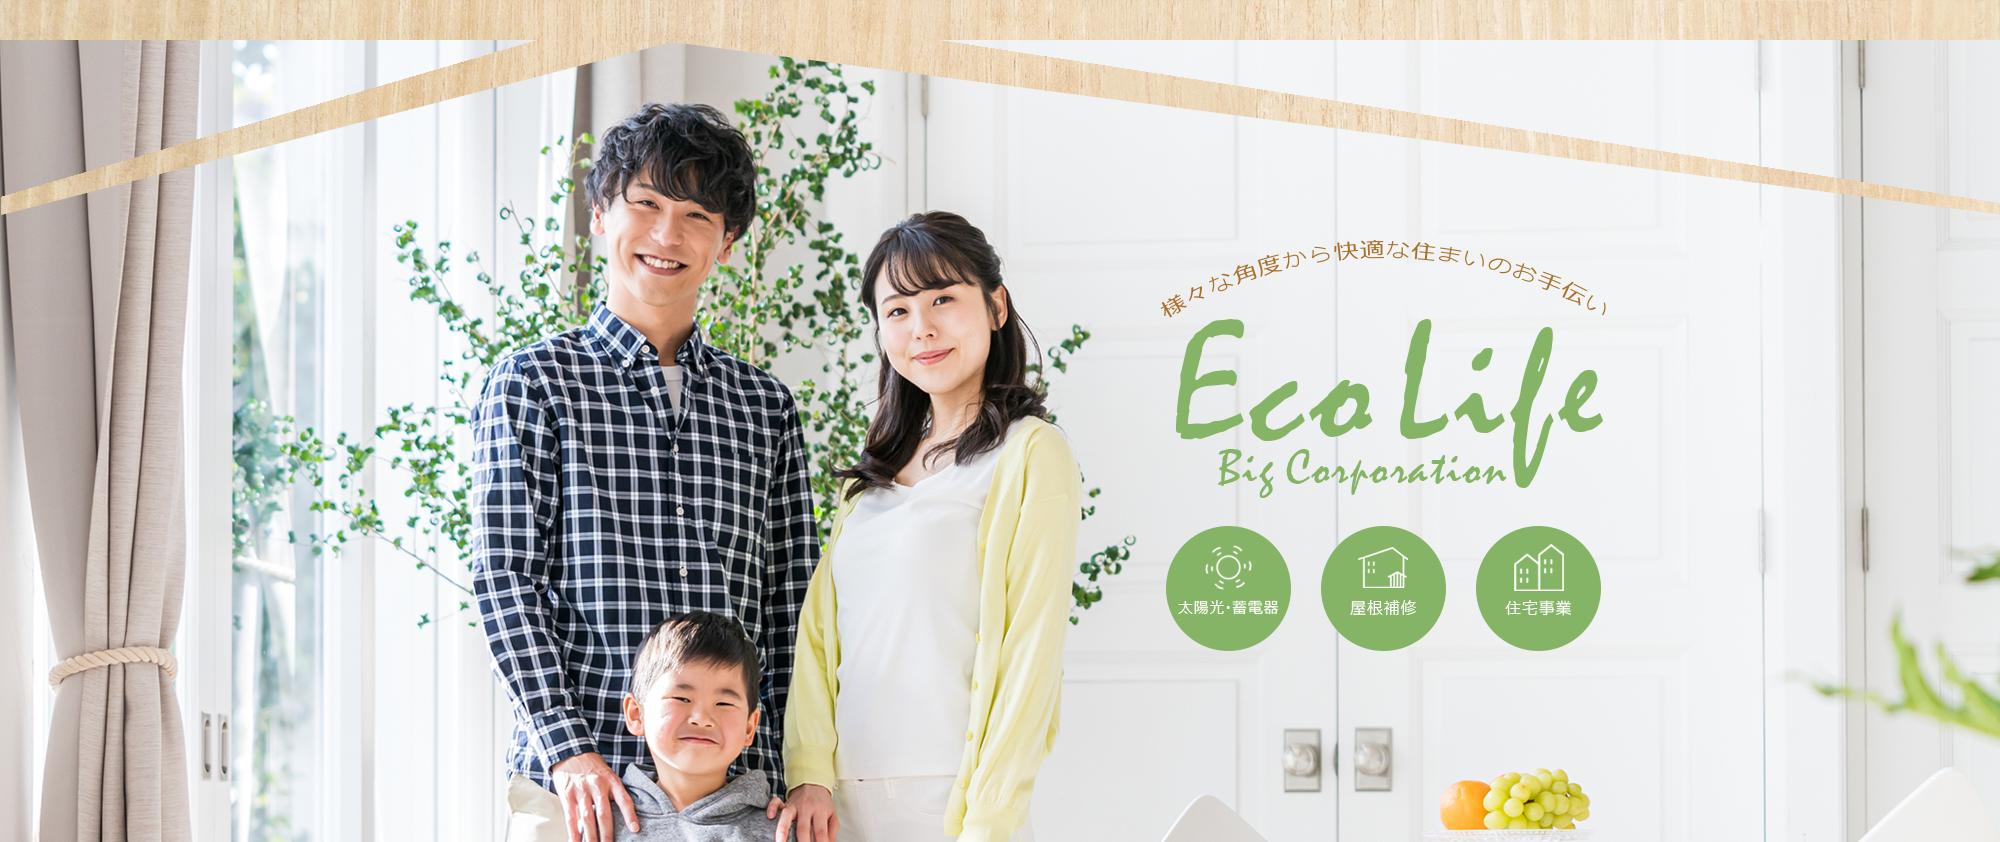 様々な角度から快適な住まいのお手伝い Eco Life Big Corporation